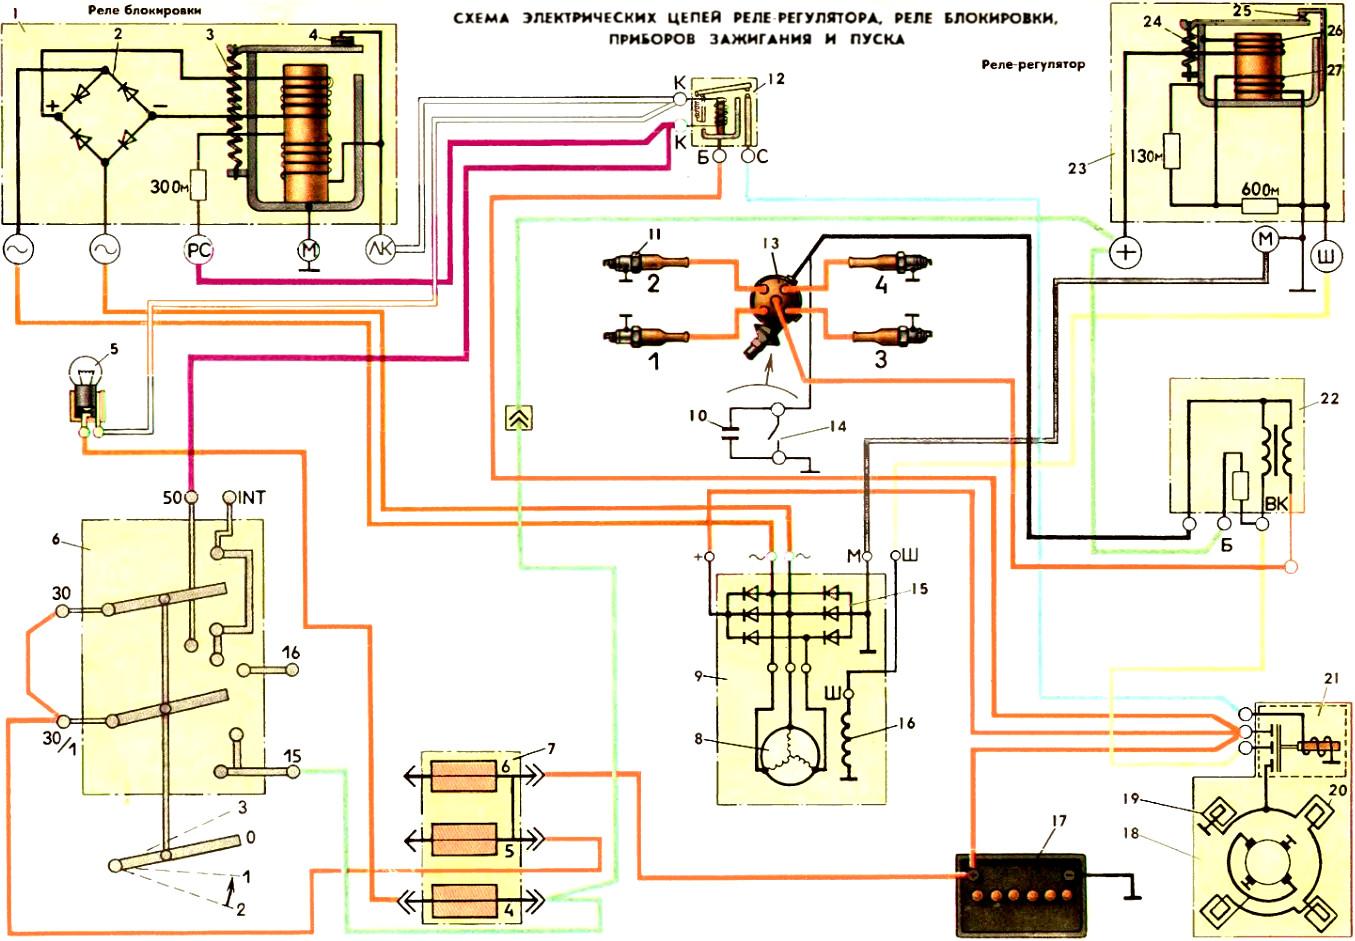 приборы ЗАЗ-968М - Часть 2